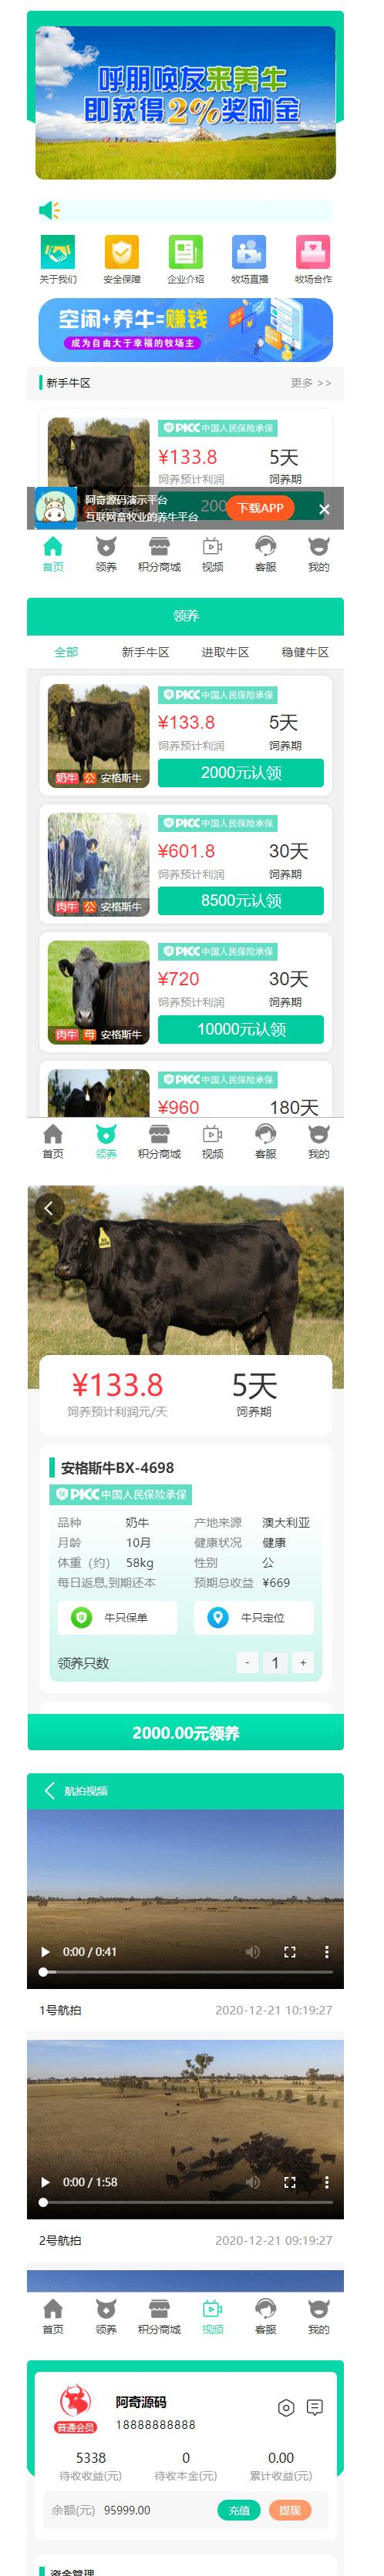 【牧场养牛】带积分商城+抽奖+会员特权插图